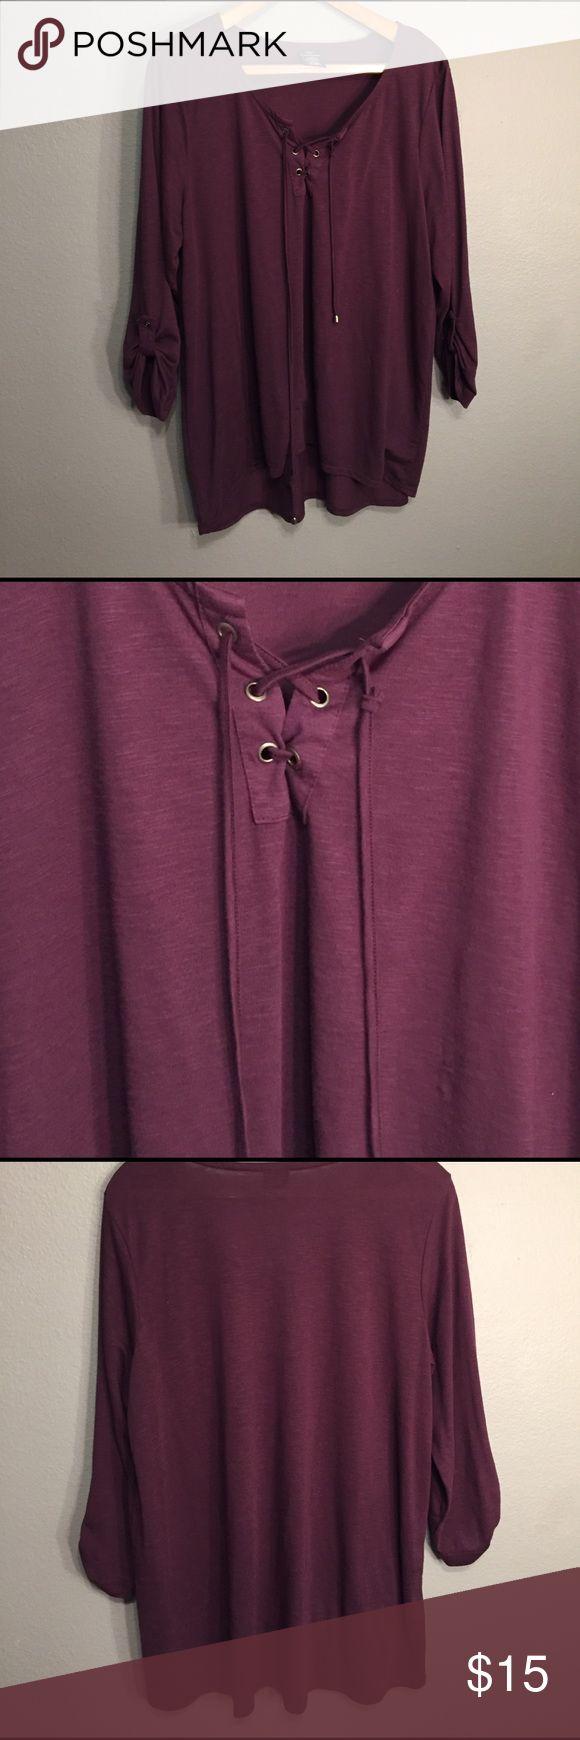 *50% OFF BUNDLES* High low purple tie front blouse High low purple 3/4 sleeve blouse Tops Blouses